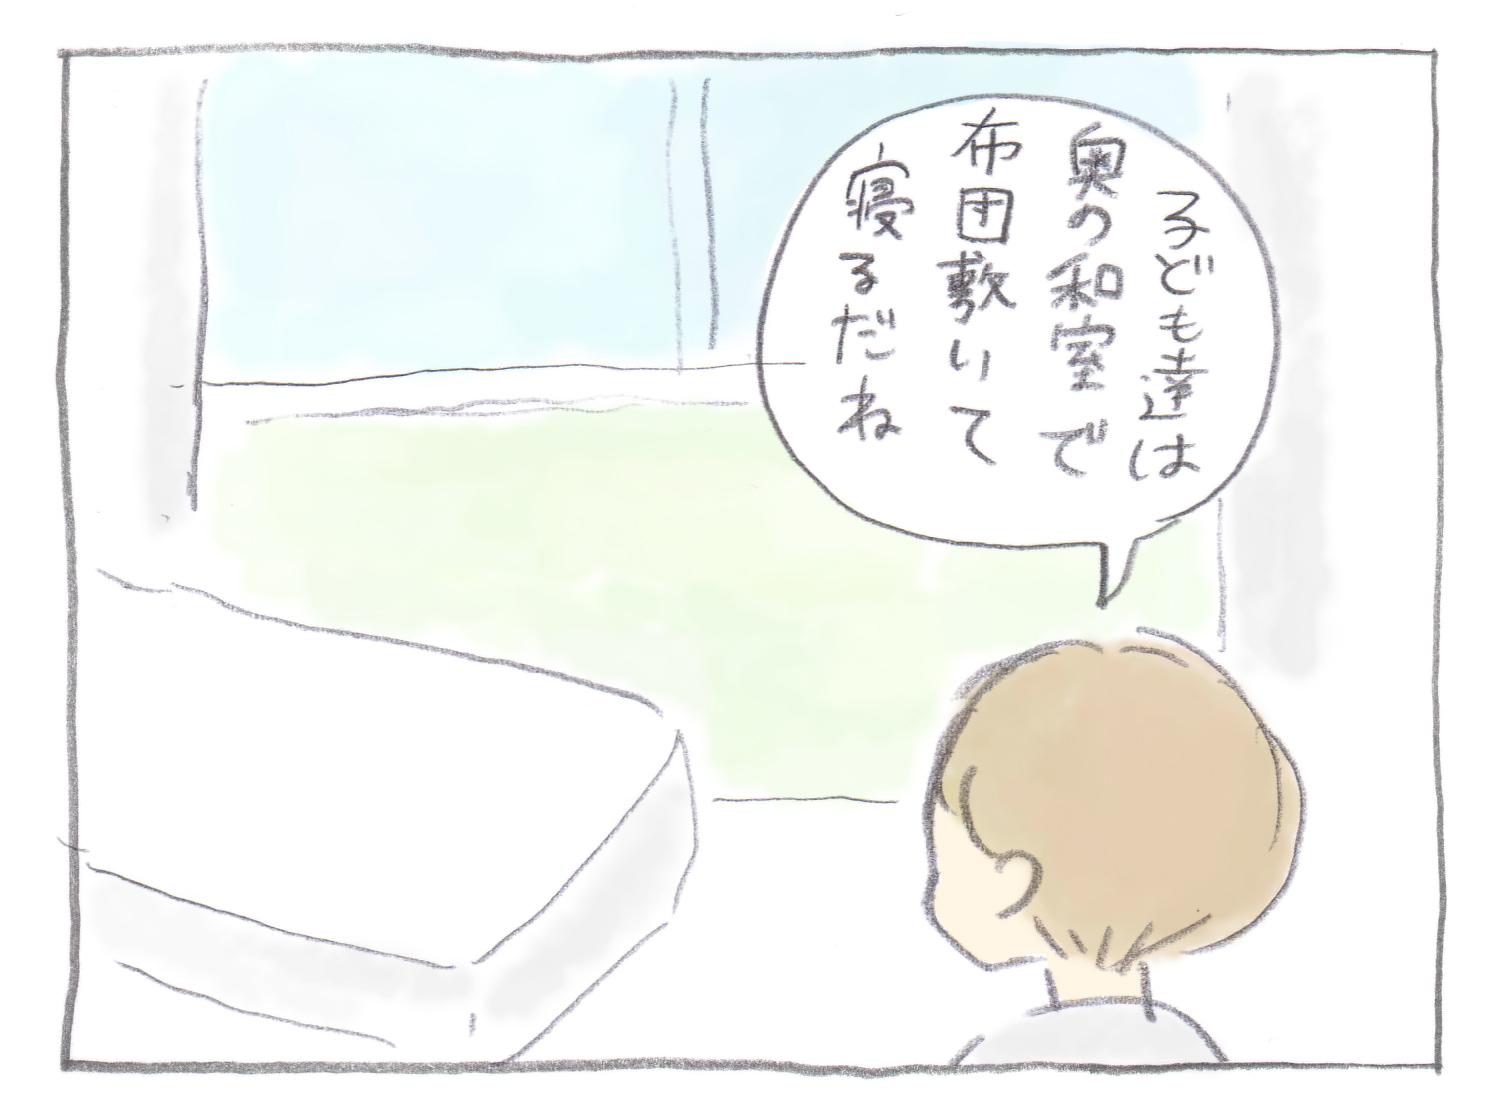 今日こそ…! 家族旅行で久しぶりに広いベッドで寝られると思ったら【ぎゅうにゅう日記 第9話】